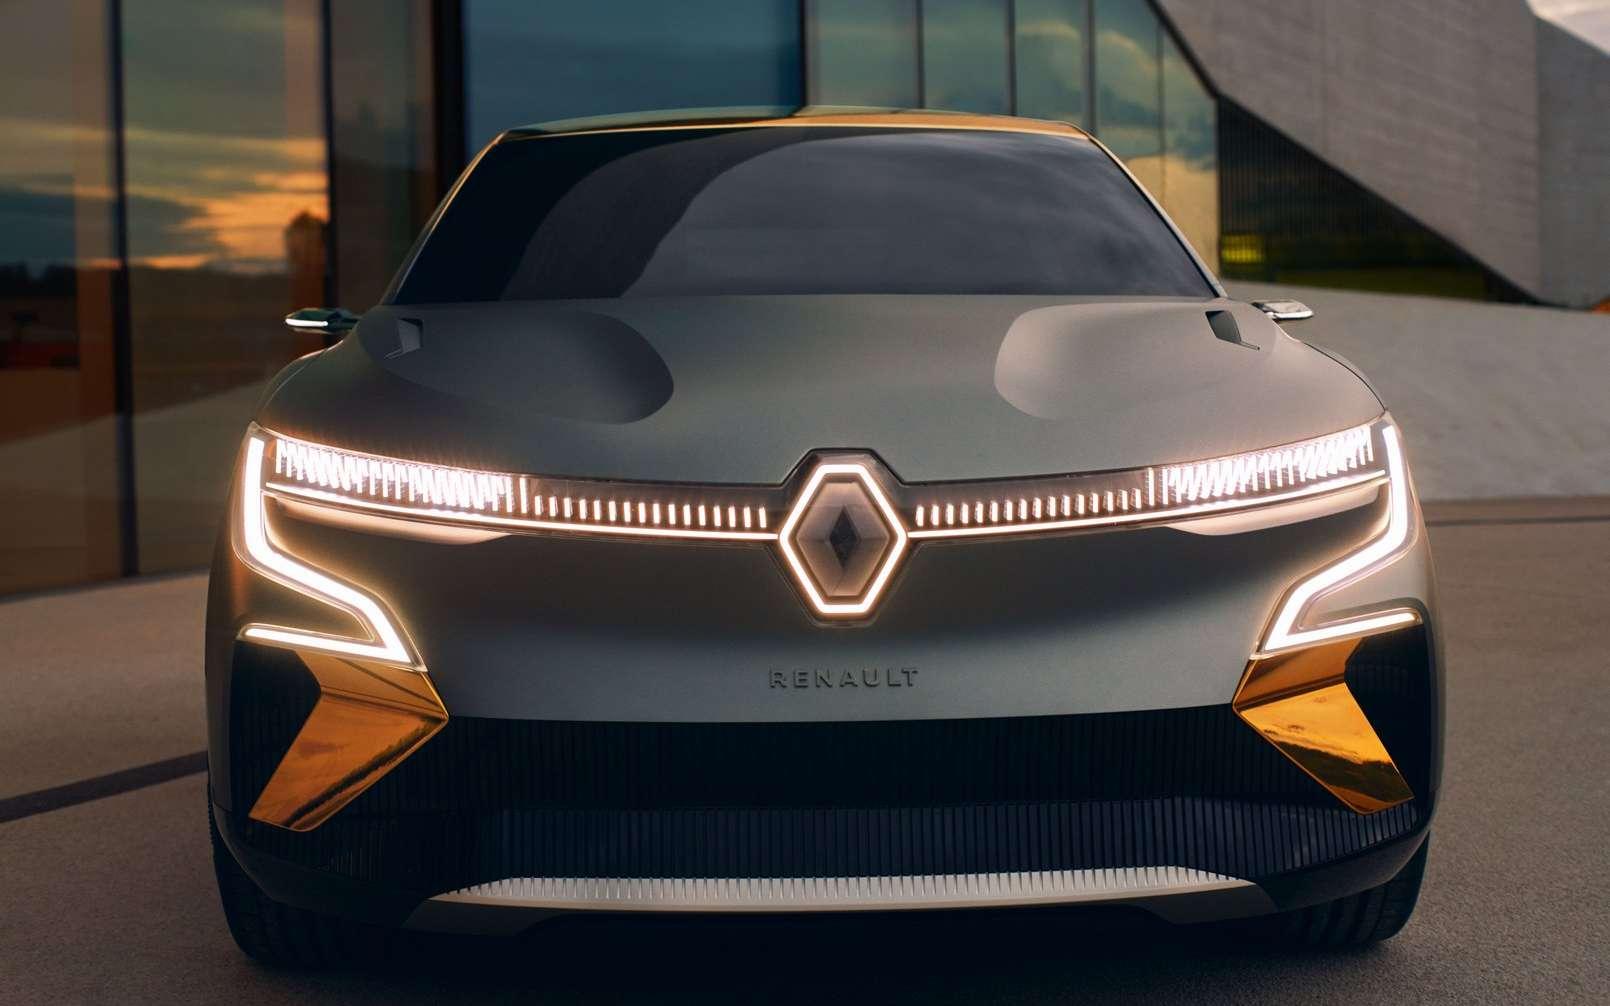 La Mégane eVision s'inspire beaucoup du concept-car Morphoz présenté en mars dernier. © Renault